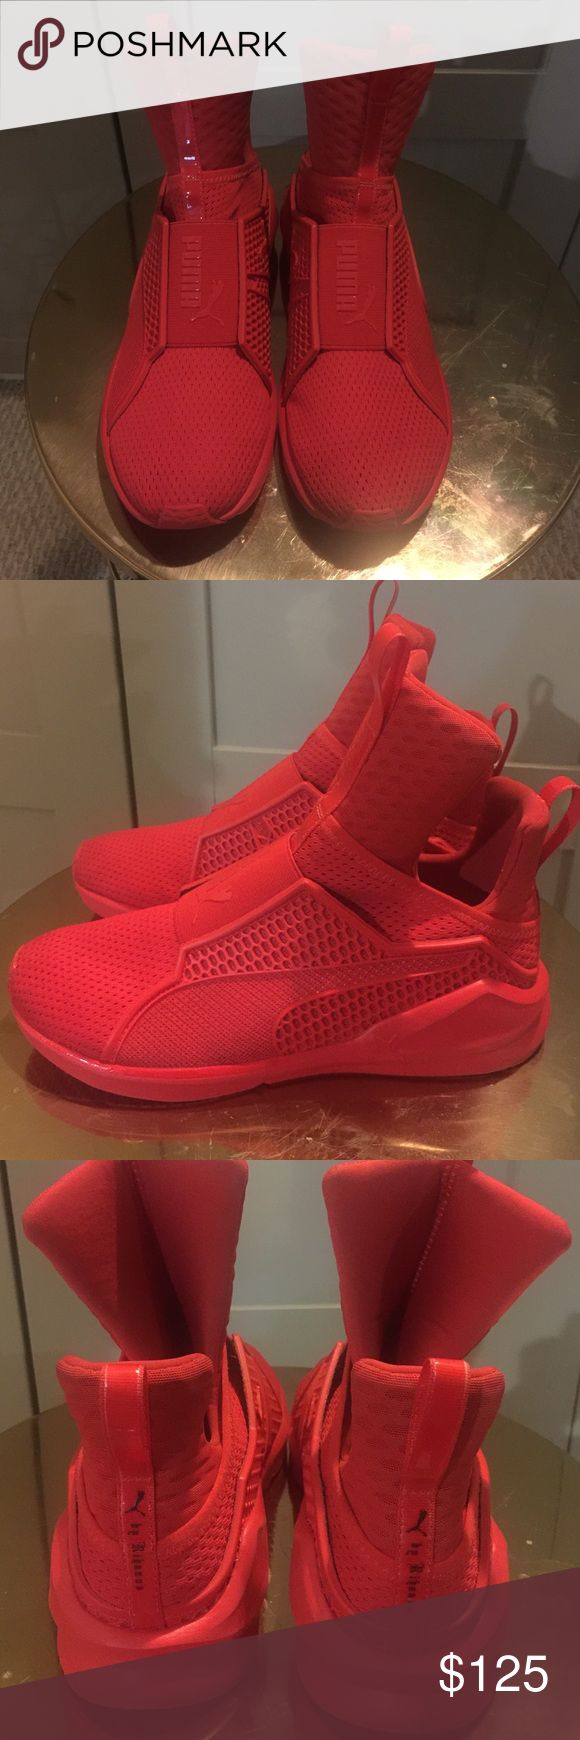 quality design 8e216 1a6cb red fenty puma slippers